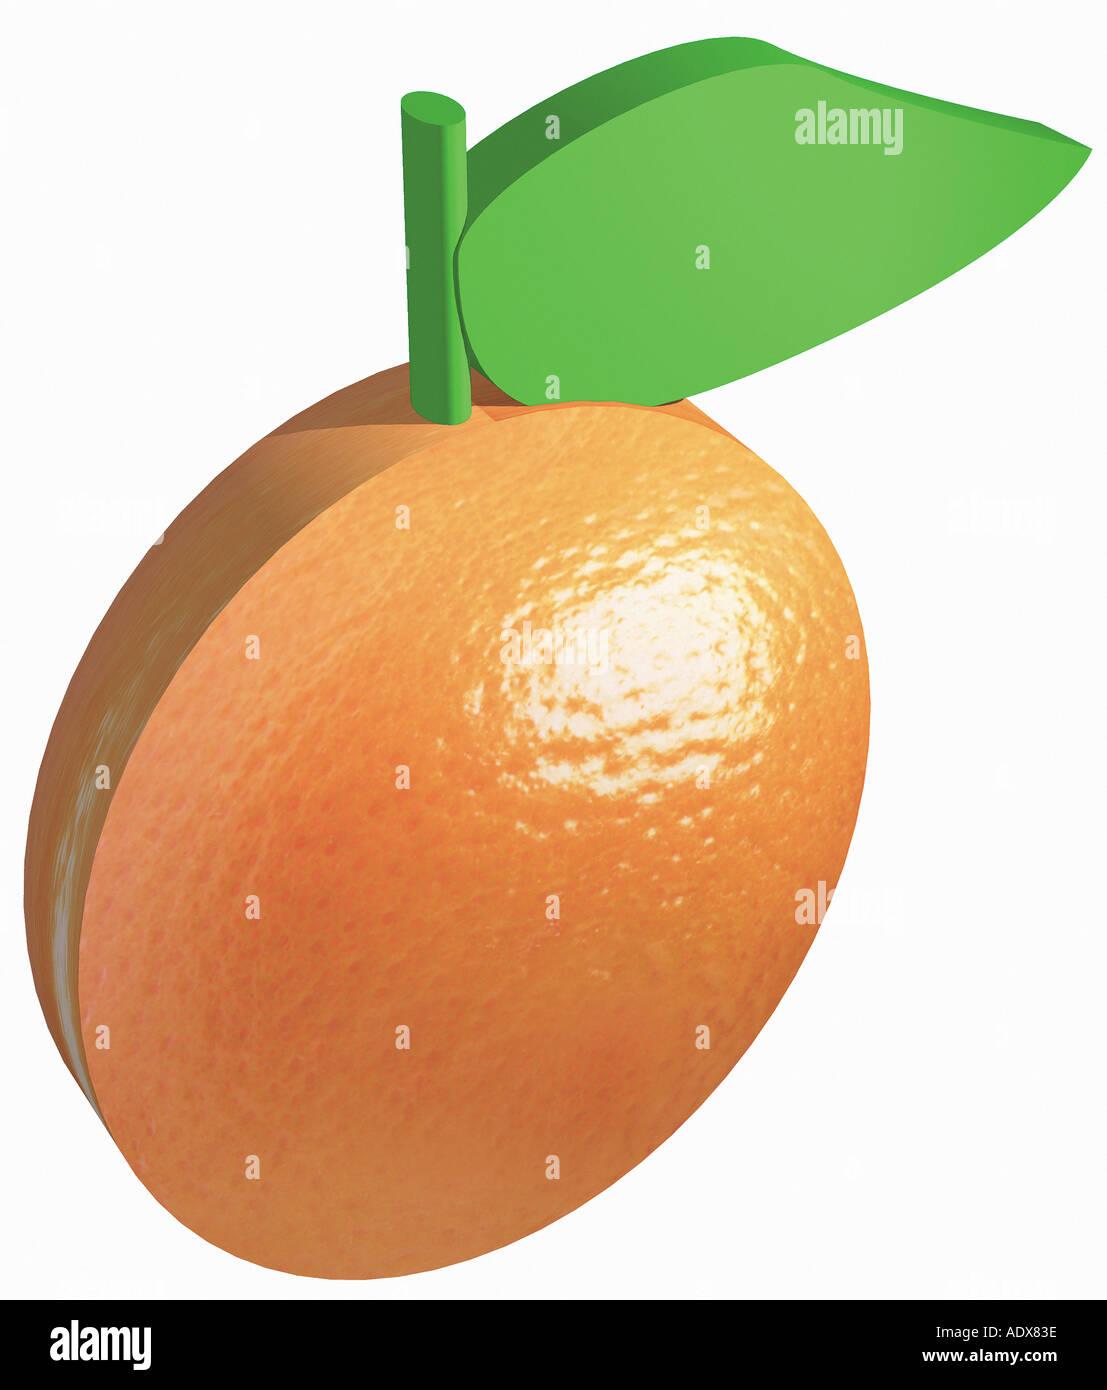 Illustrations stylisées orange en forme de comprimé comprimé vitamine C  naturelle Texture texture de fond divers nourriture fruit f4b08e5517a